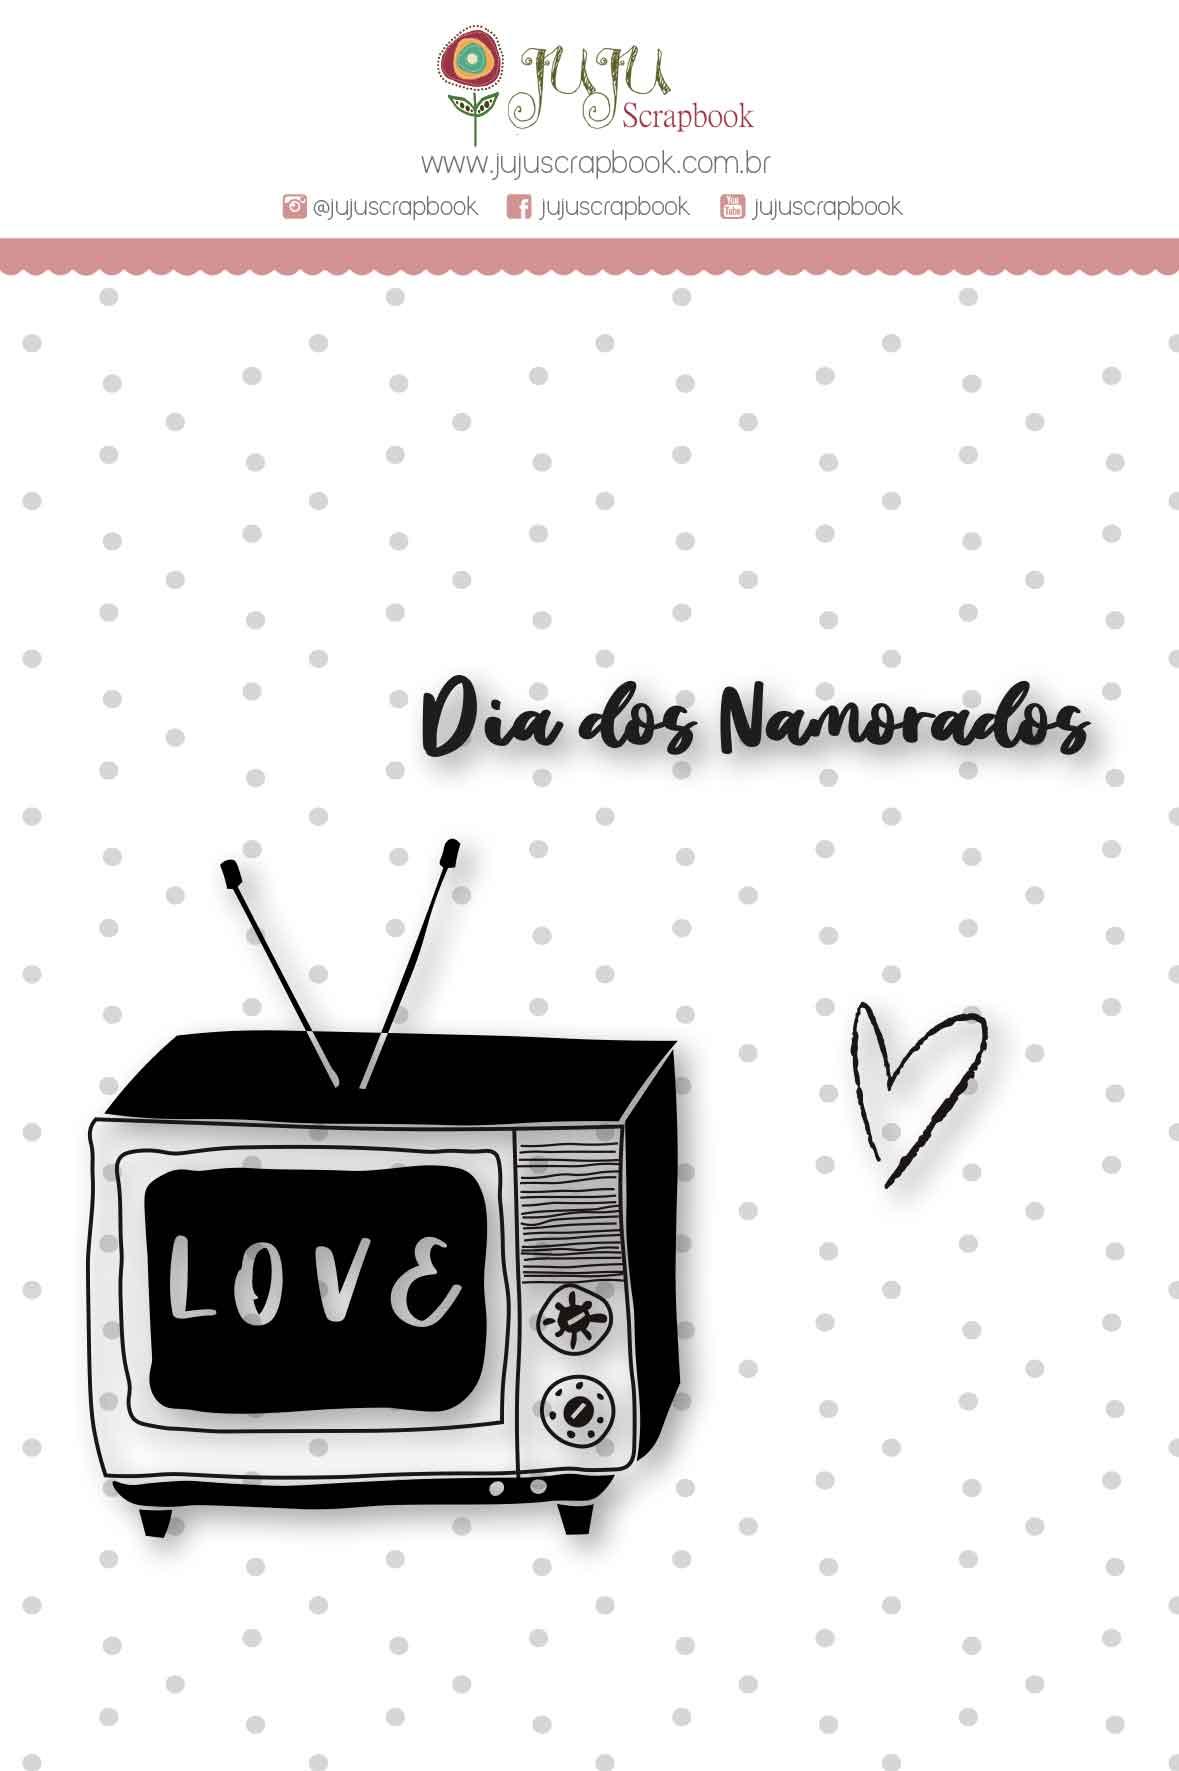 Carimbo M Dia dos Namorados - Coleção Espalhando Amor - JuJu Scrapbook  - JuJu Scrapbook